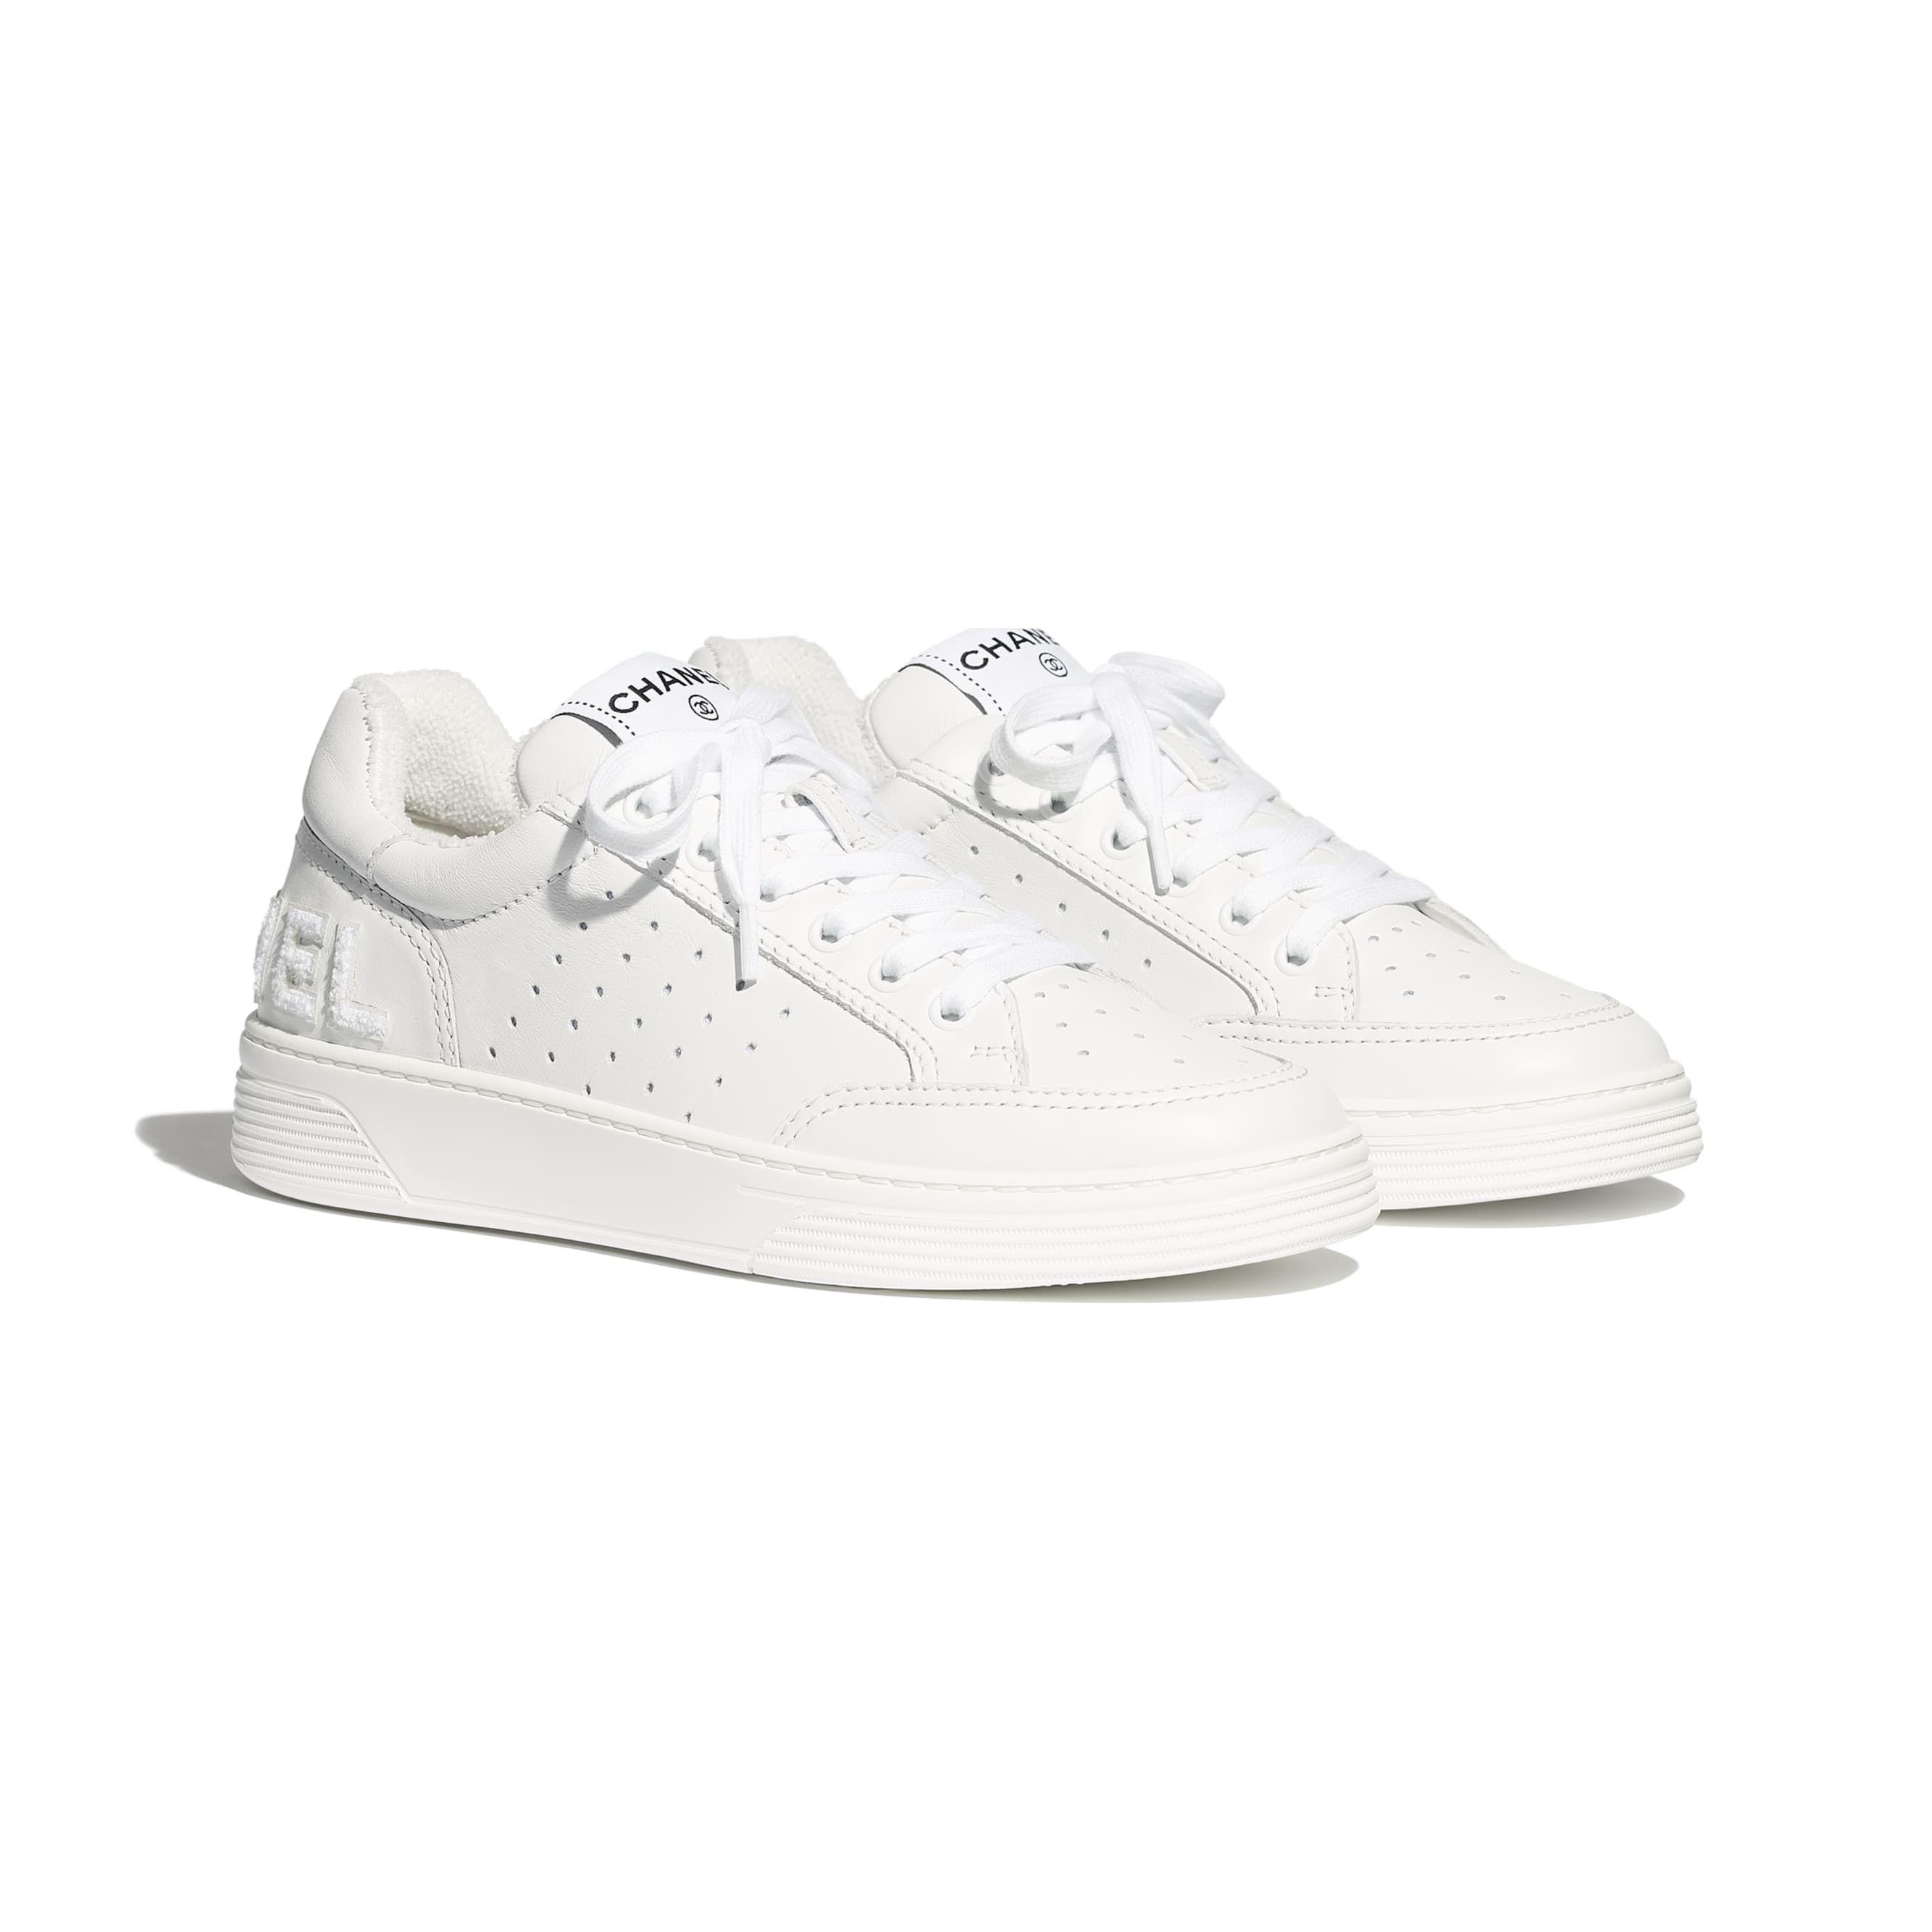 Sneakers, Womens sneakers, Chanel sneakers